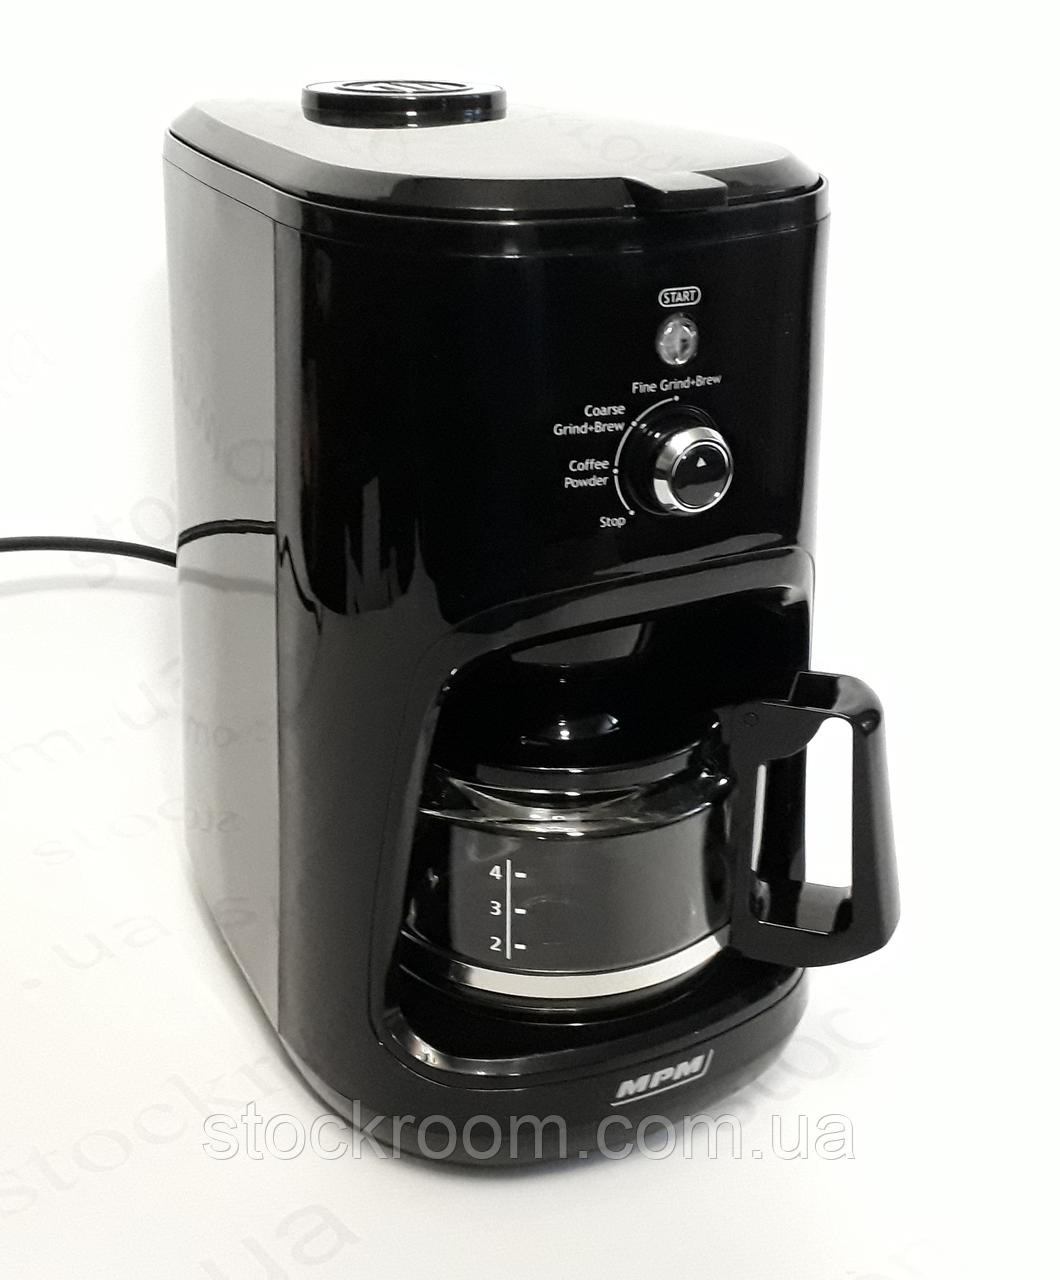 Кофеварка со встроенной мельницей для помола кофе MPM MKW 04